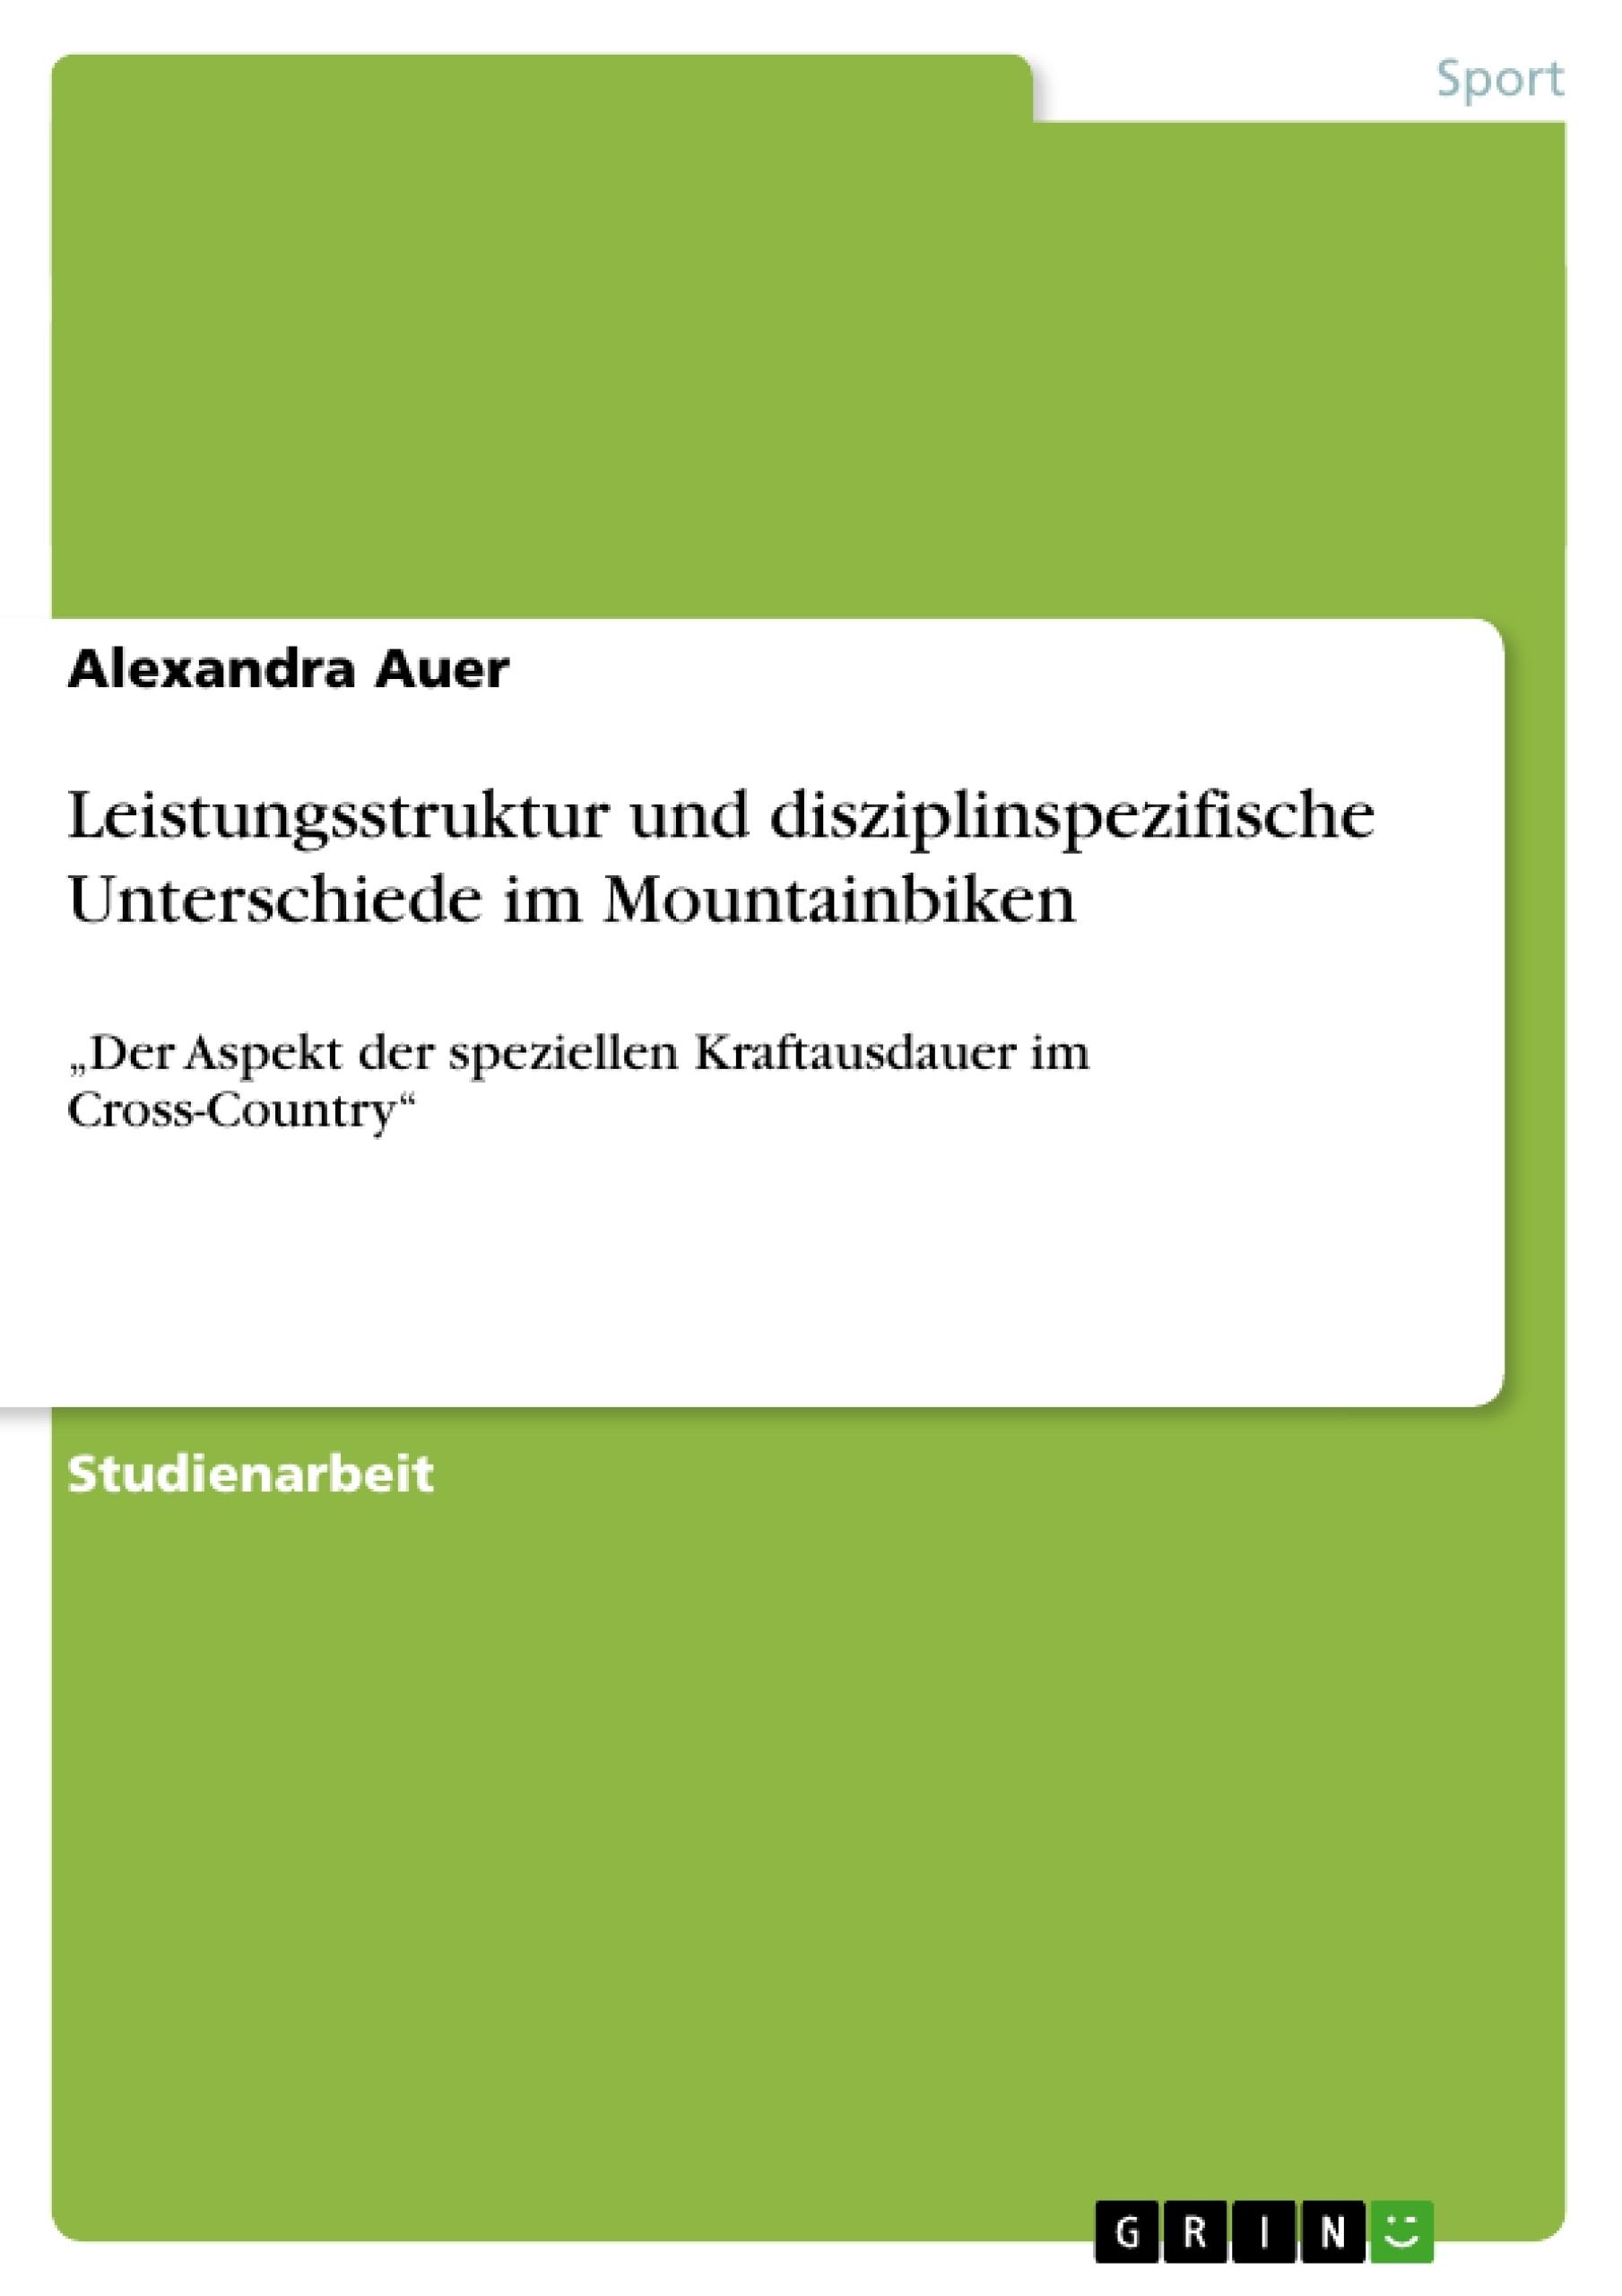 Titel: Leistungsstruktur und disziplinspezifische Unterschiede im Mountainbiken